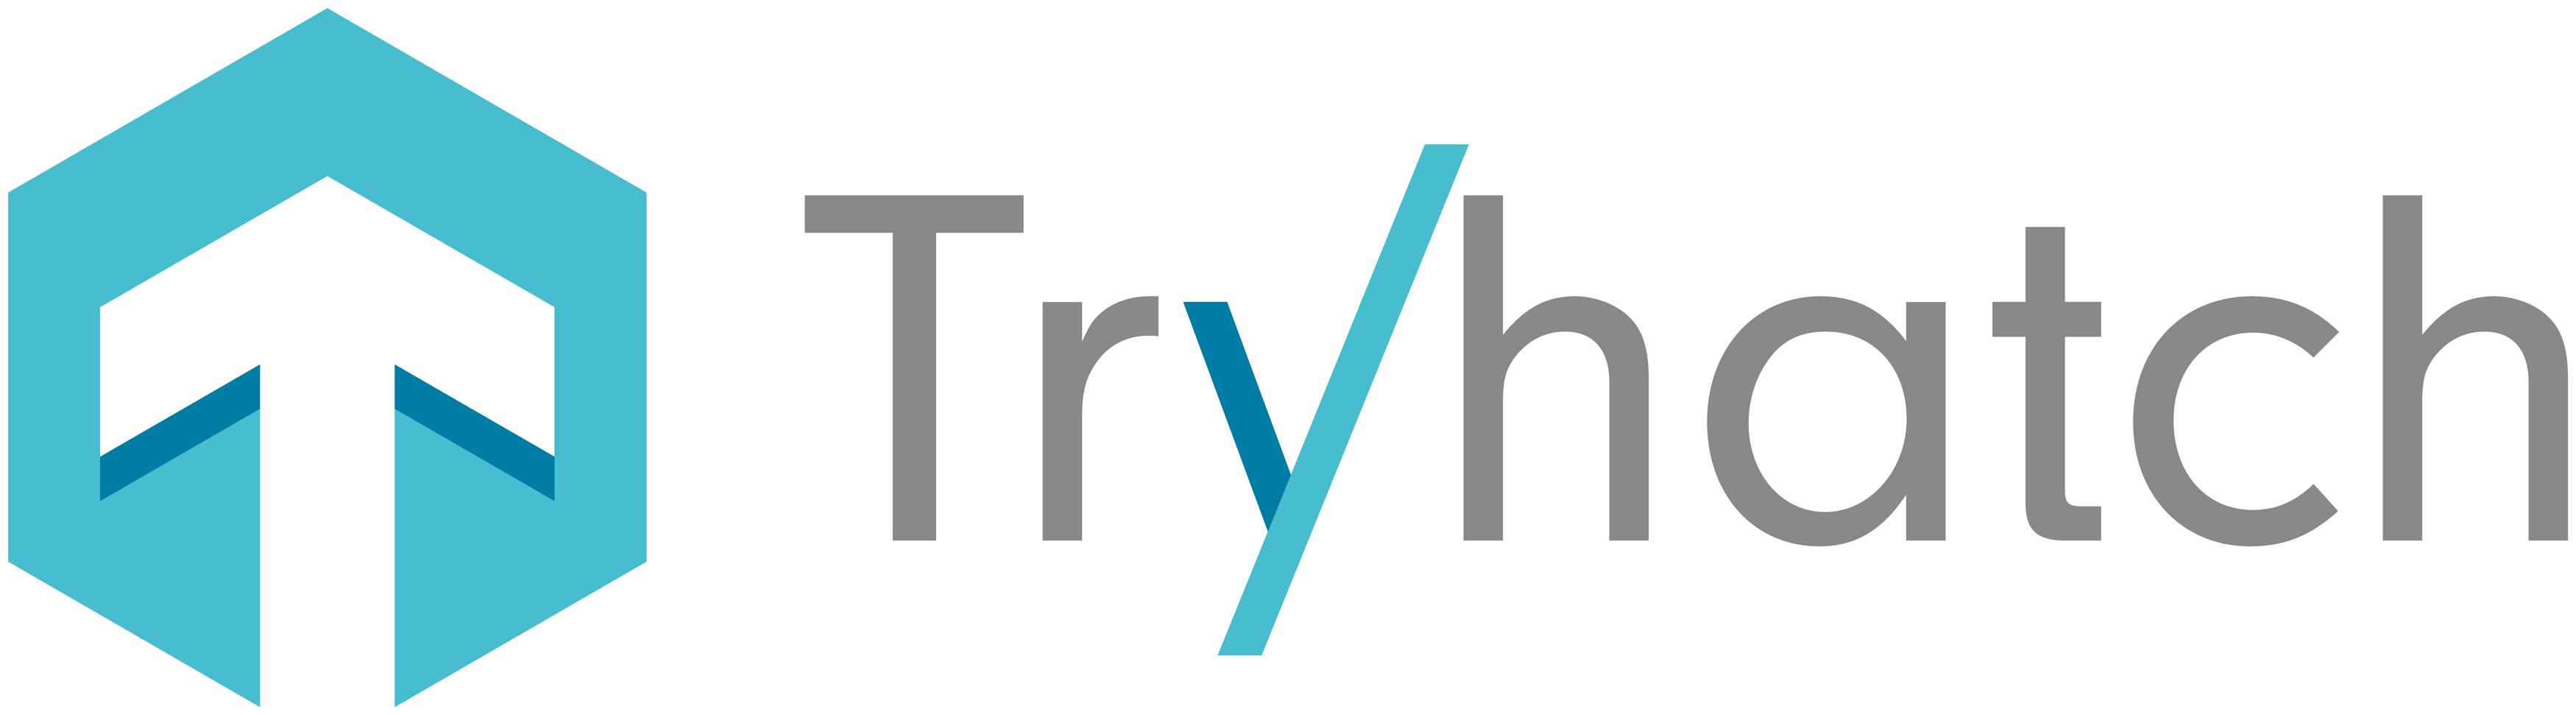 株式会社トライハッチ|Tryhatch Inc.